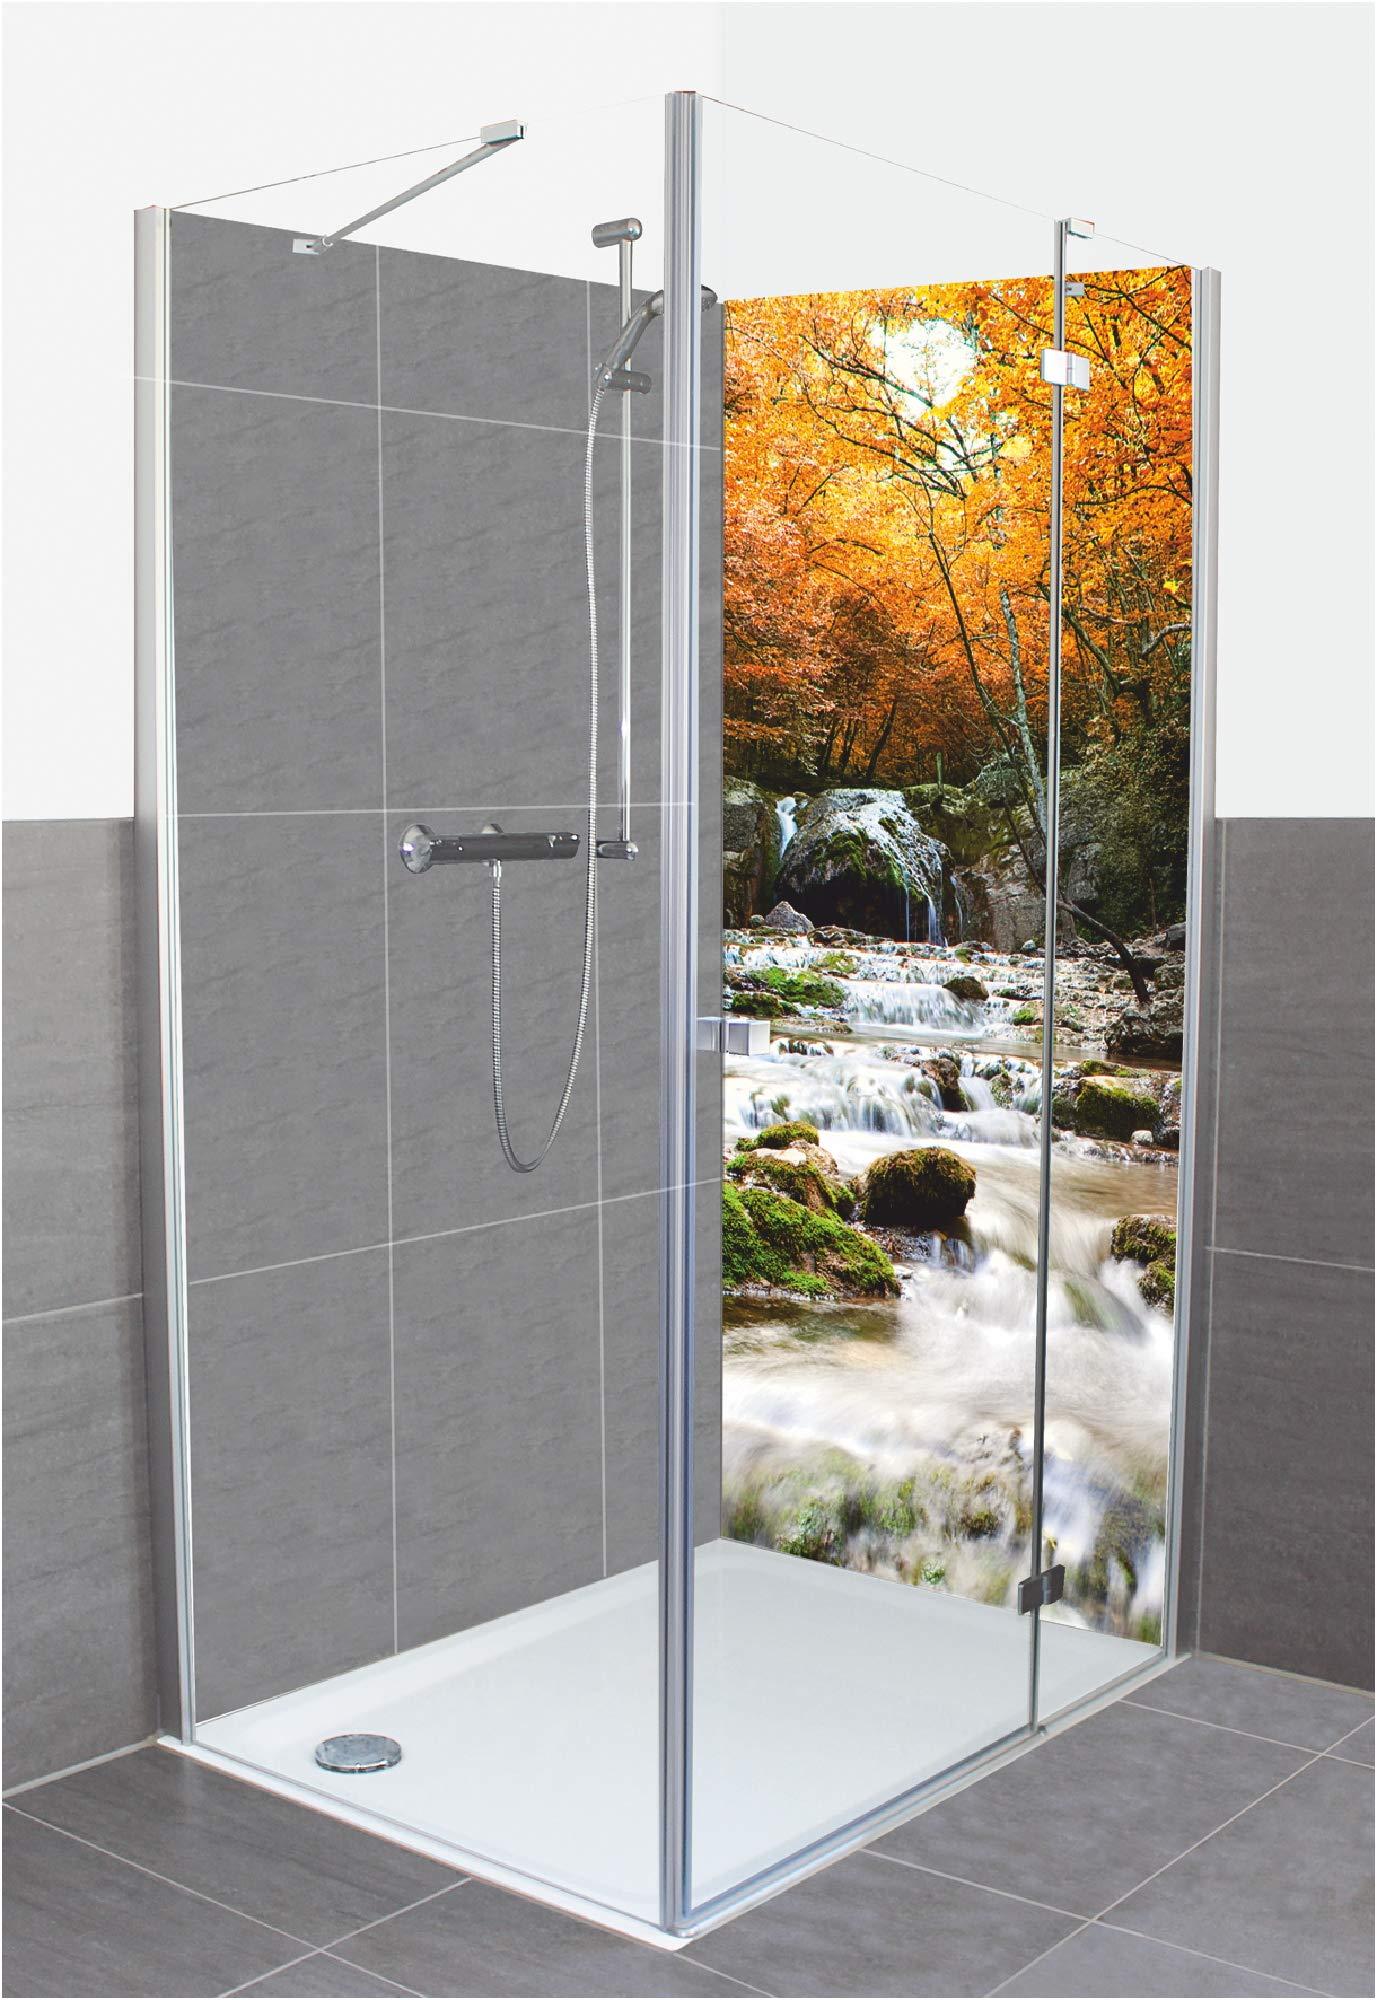 Artland A6LH - Revestimiento de pared para ducha o baño, de aluminio, diseño de cascada otoñal: Amazon.es: Juguetes y juegos